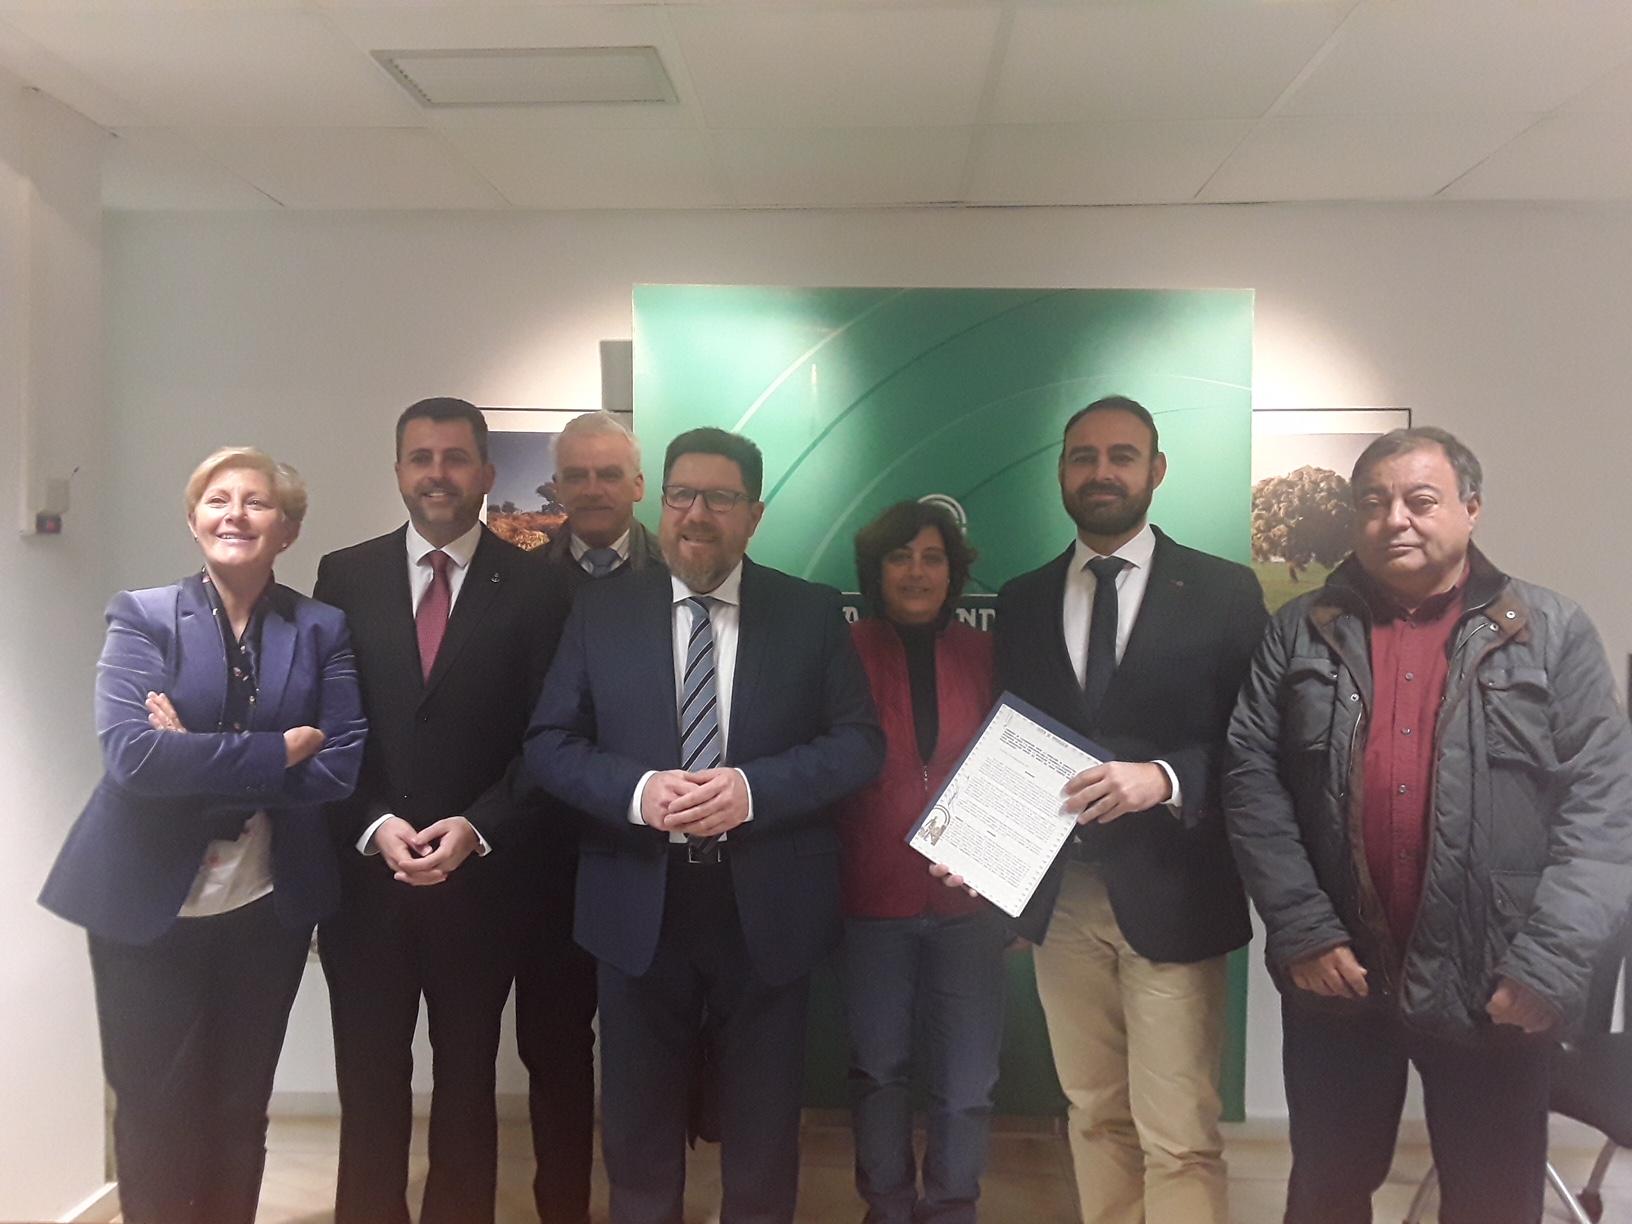 Convenio entre el Grupo Pesquero CostaLuz y la Junta de Andalucía